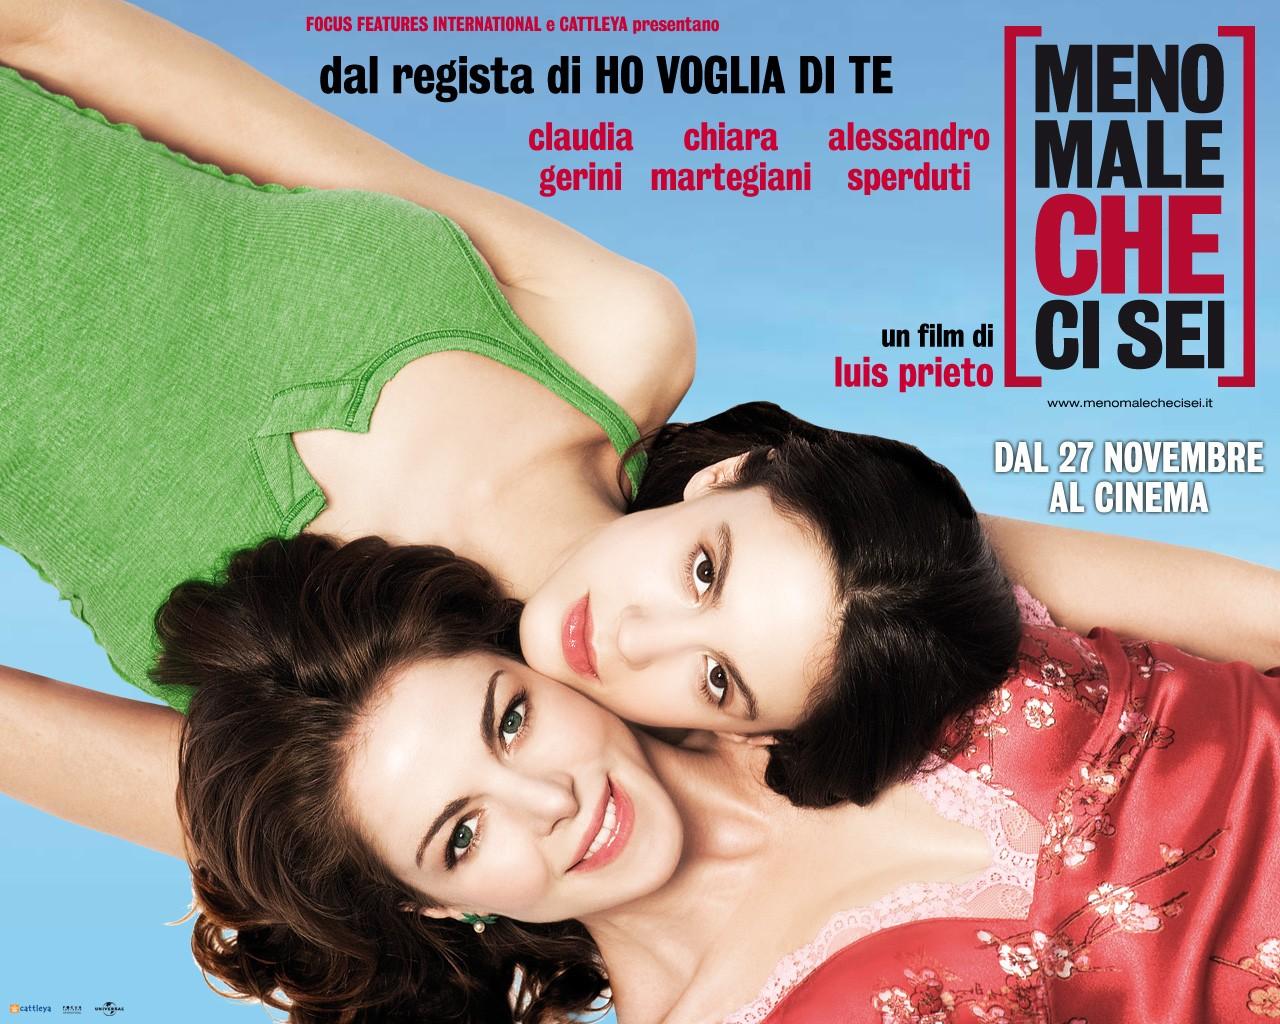 Wallpaper: Claudia Gerini e Chiara Martegiani nel film Meno male che ci sei